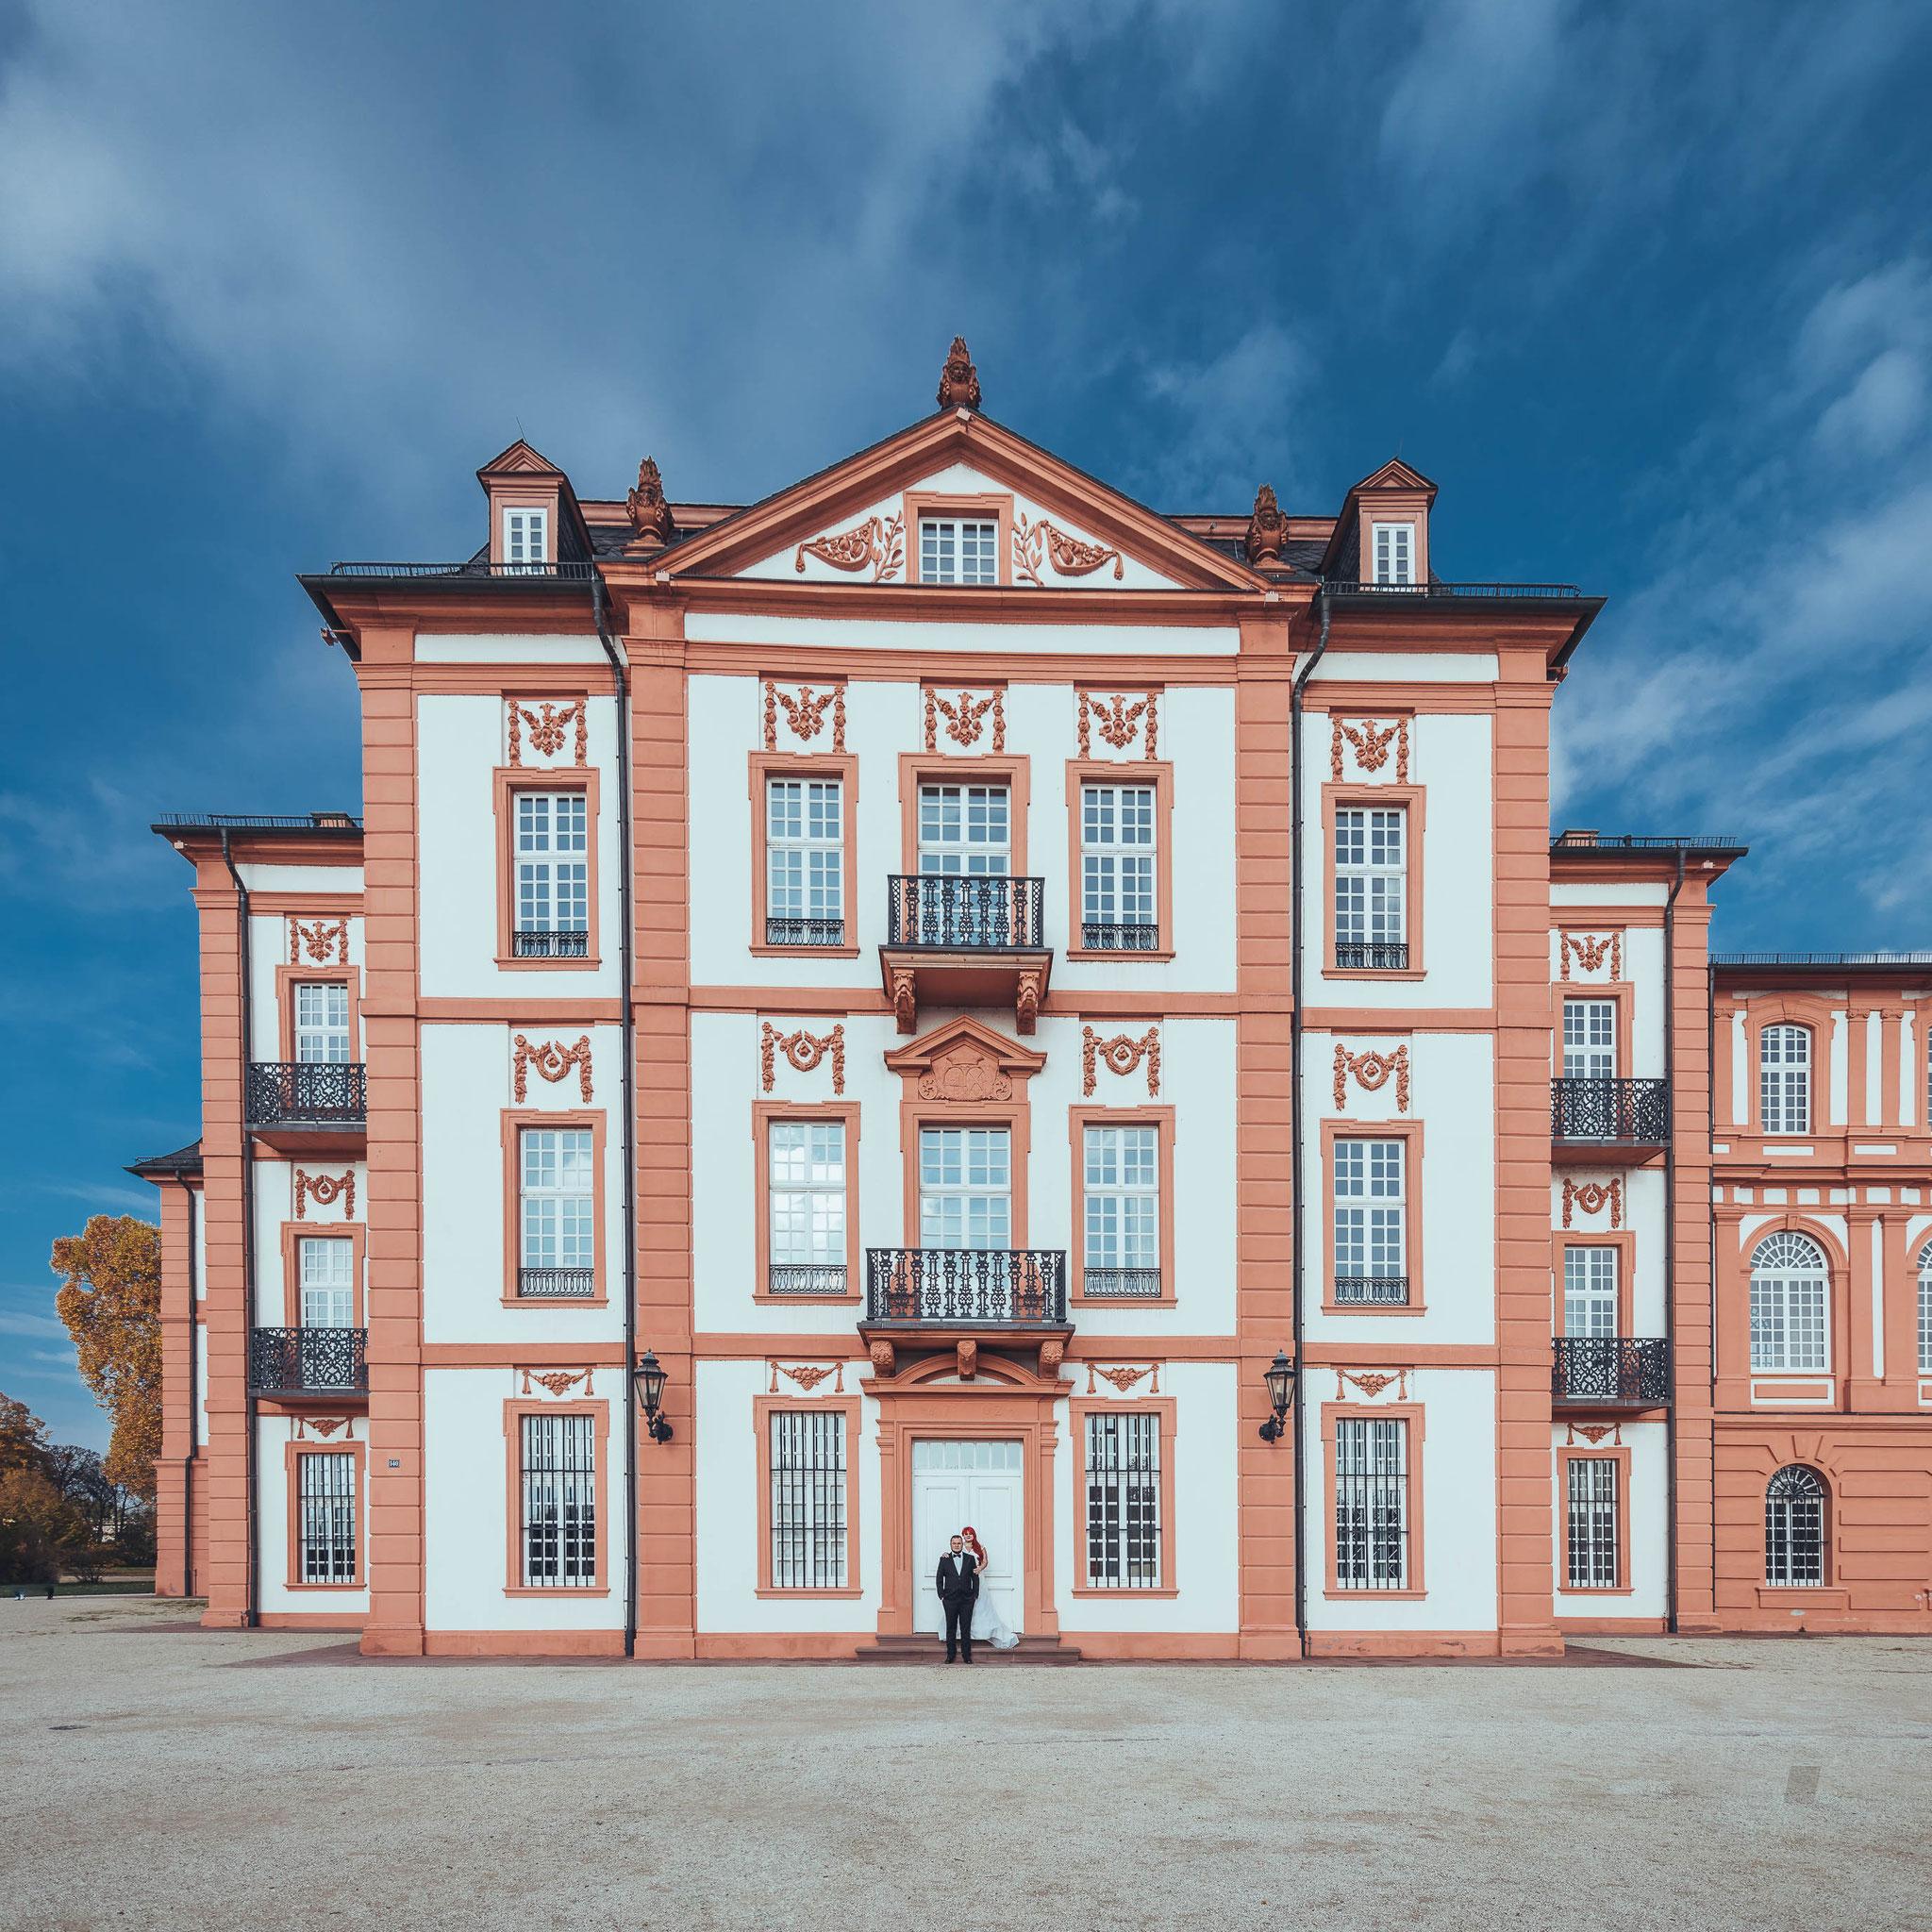 Foto und Video für internationale Hochzeit in Siegen, Frankfurt, Kassel, Mannheim, Koblenz, Bad Homburg